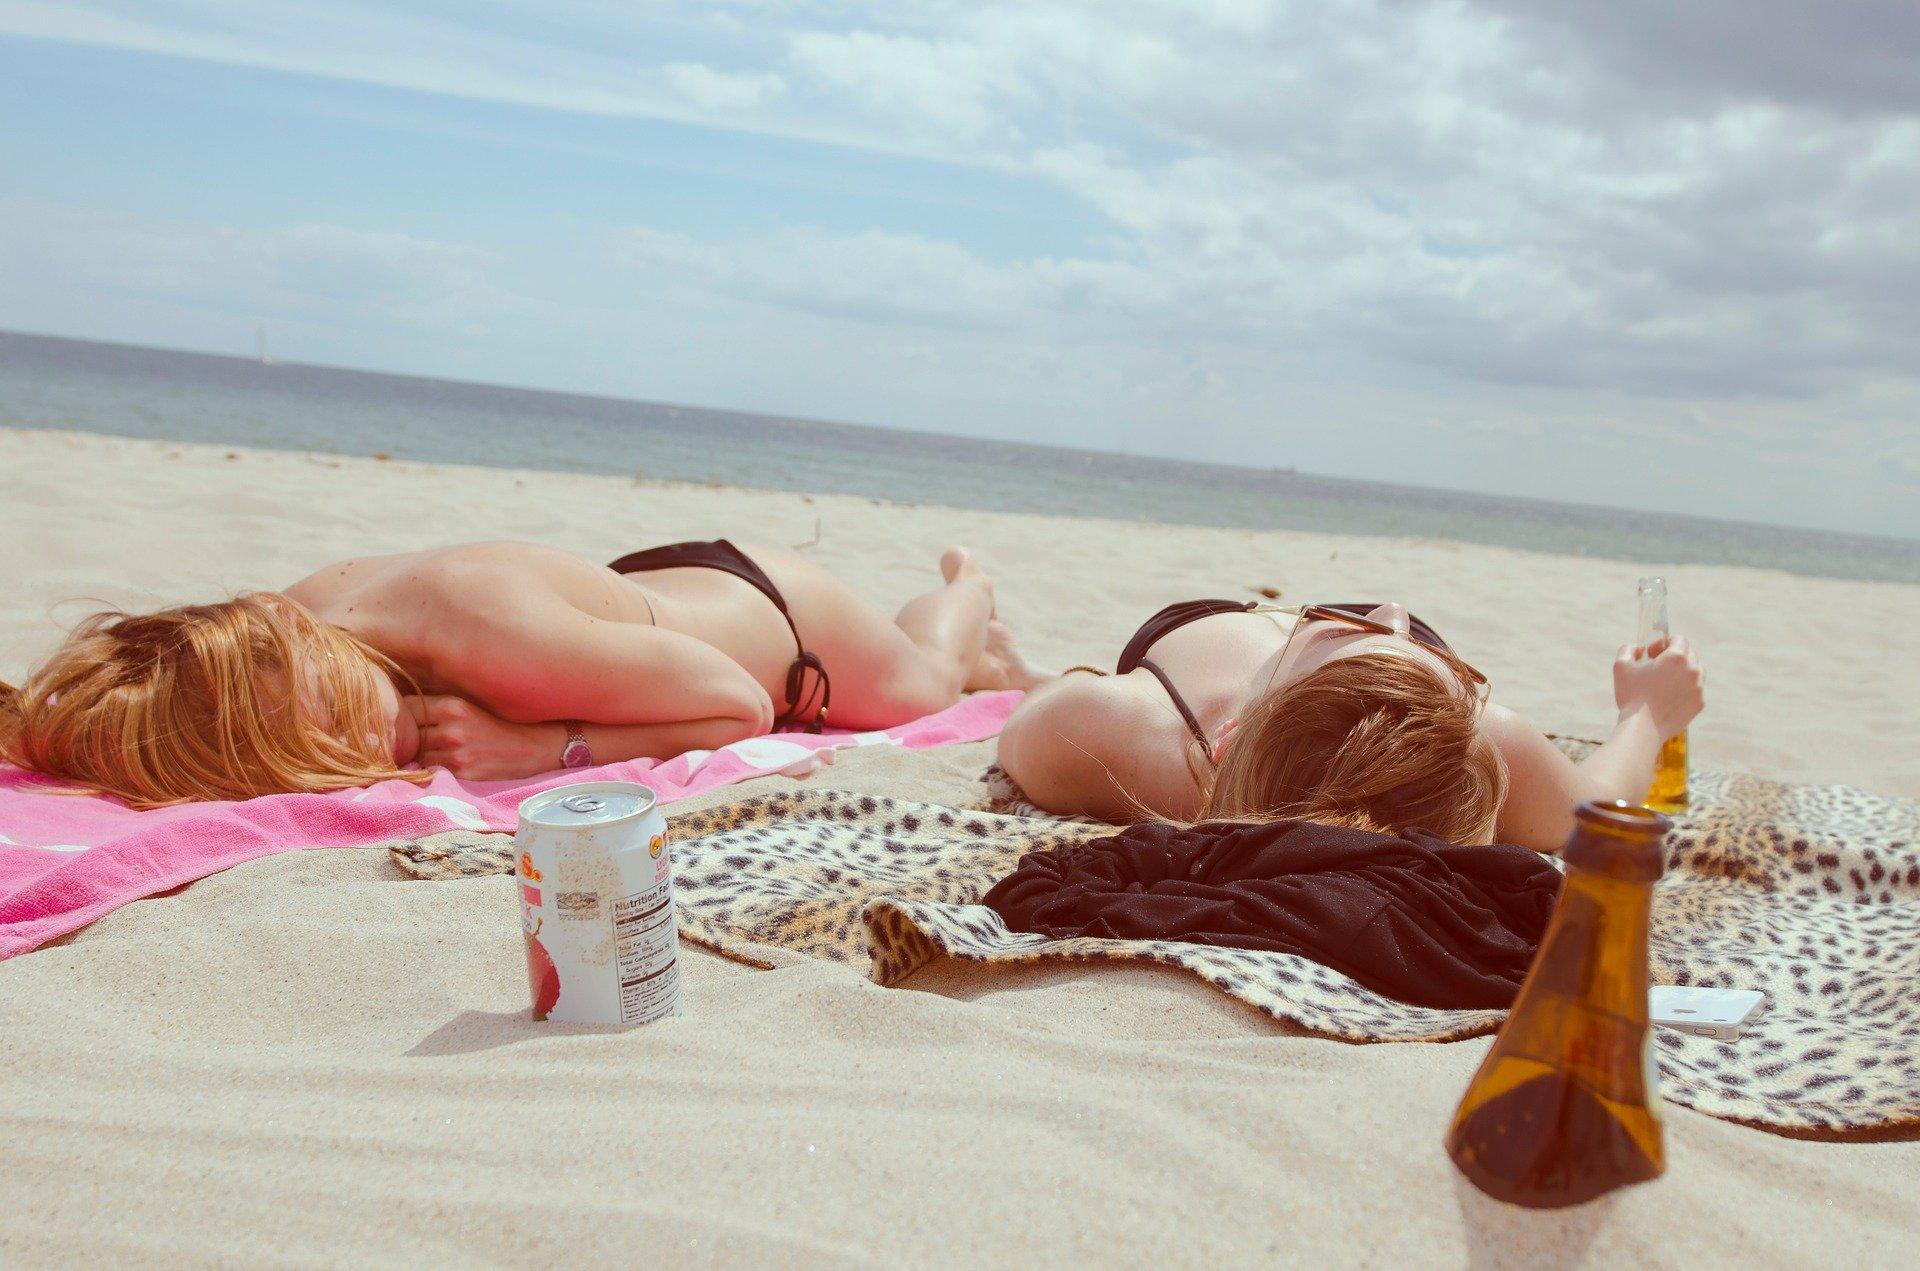 Deux femmes sur la plage | Photo : Pixabay